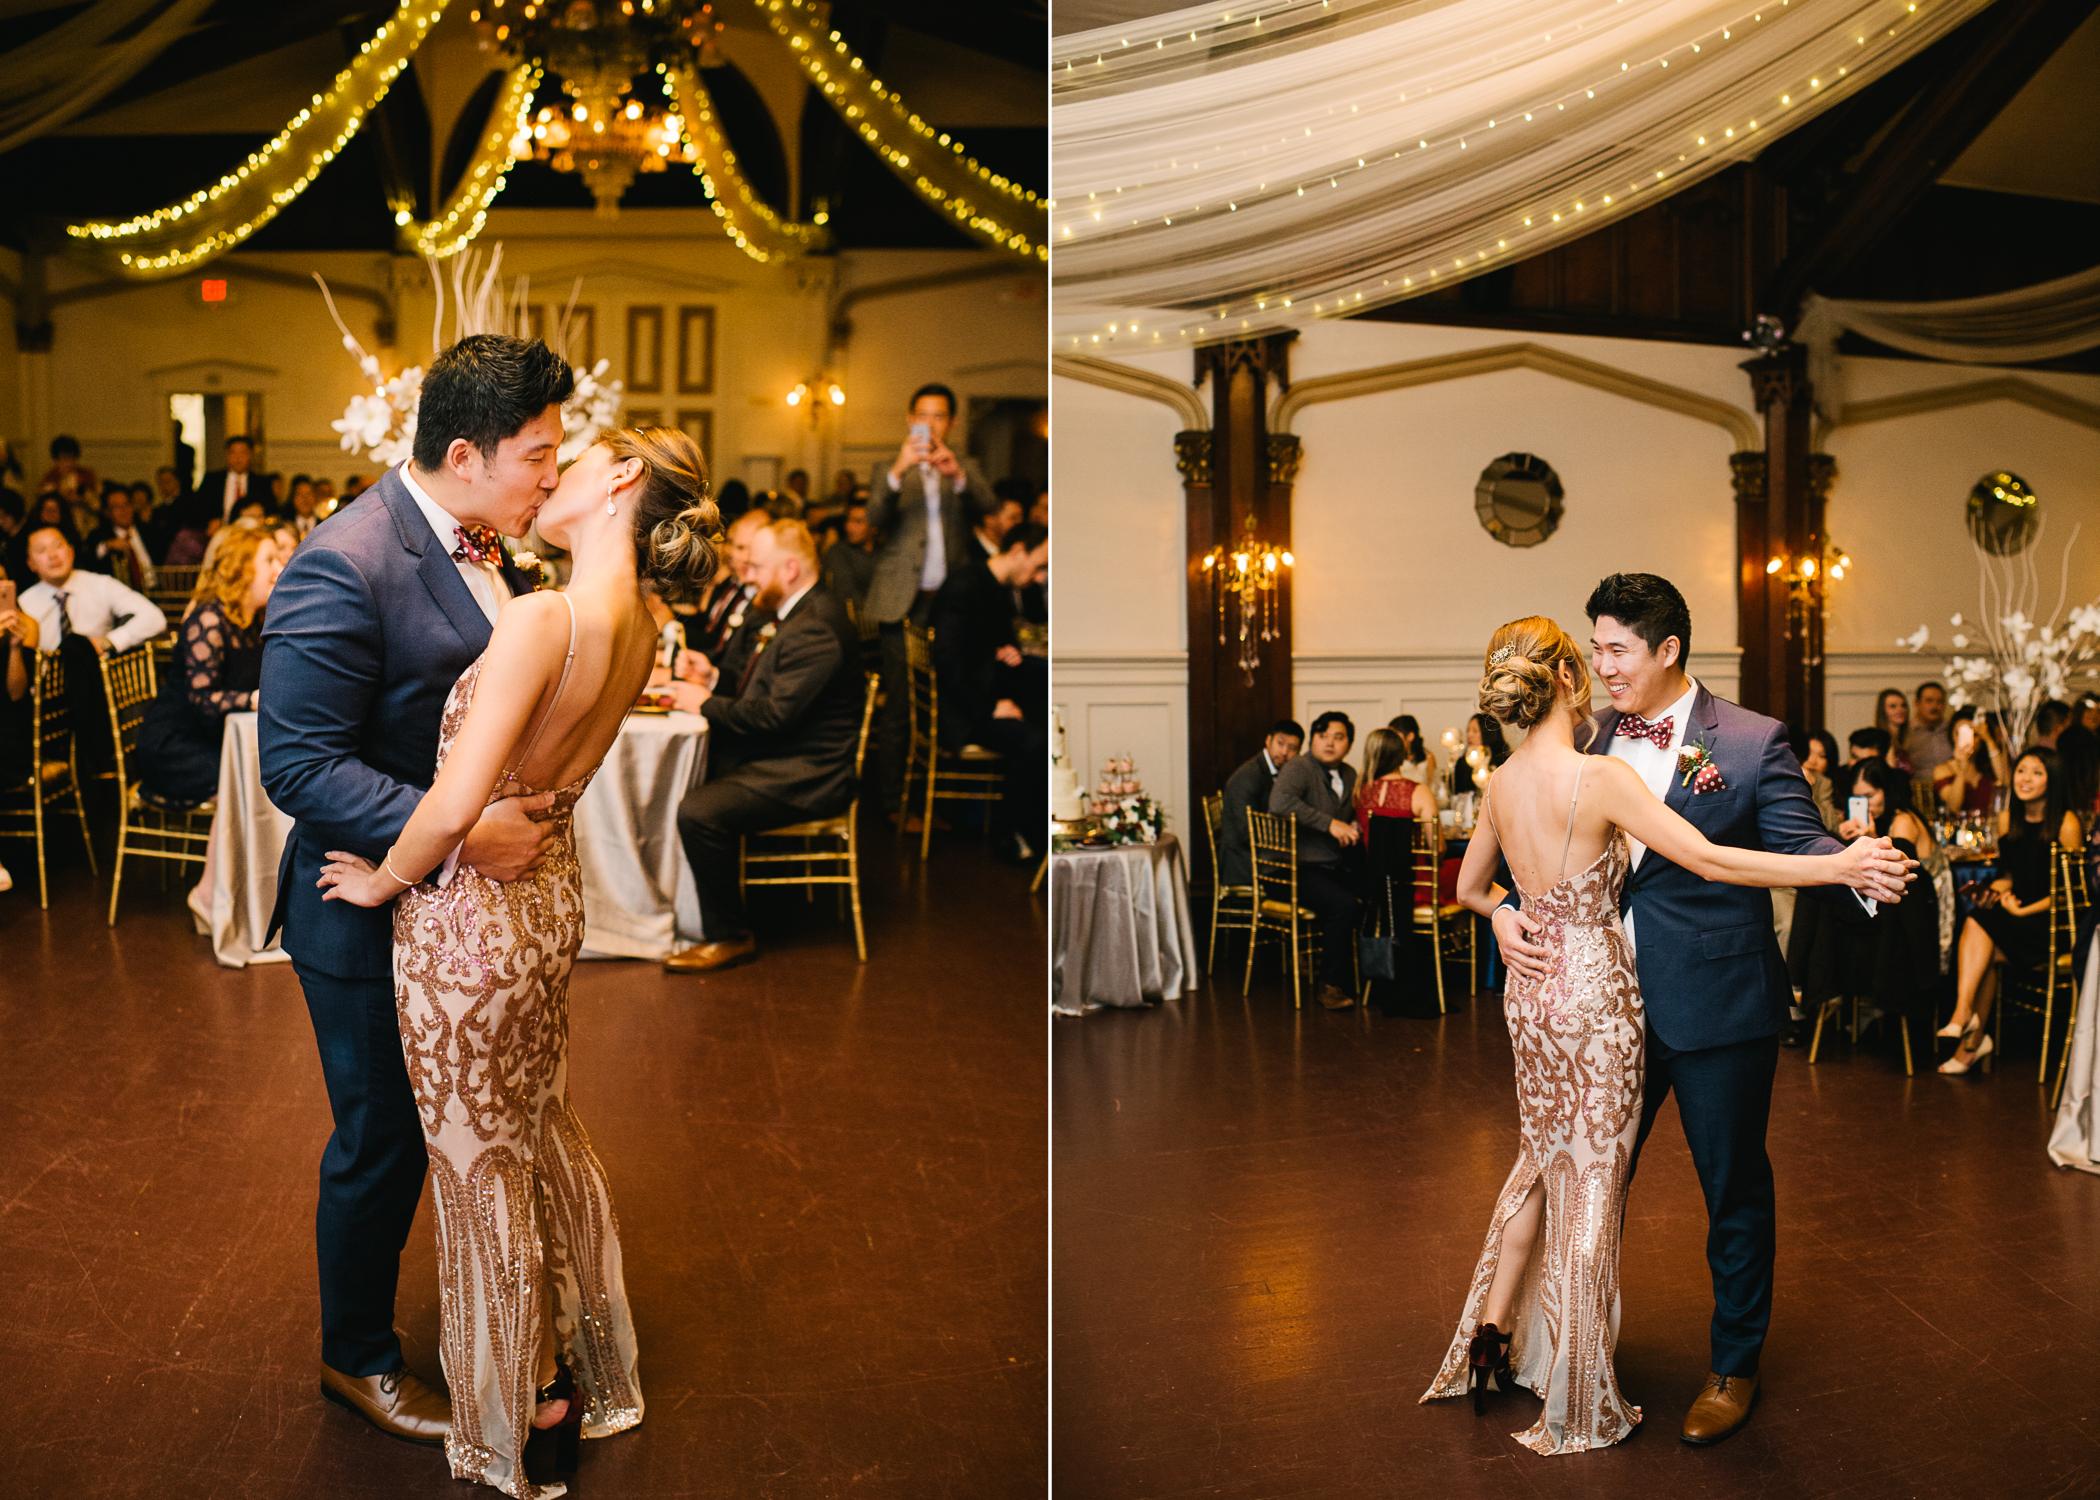 elysian-ballroom-portland-wedding-091a.jpg